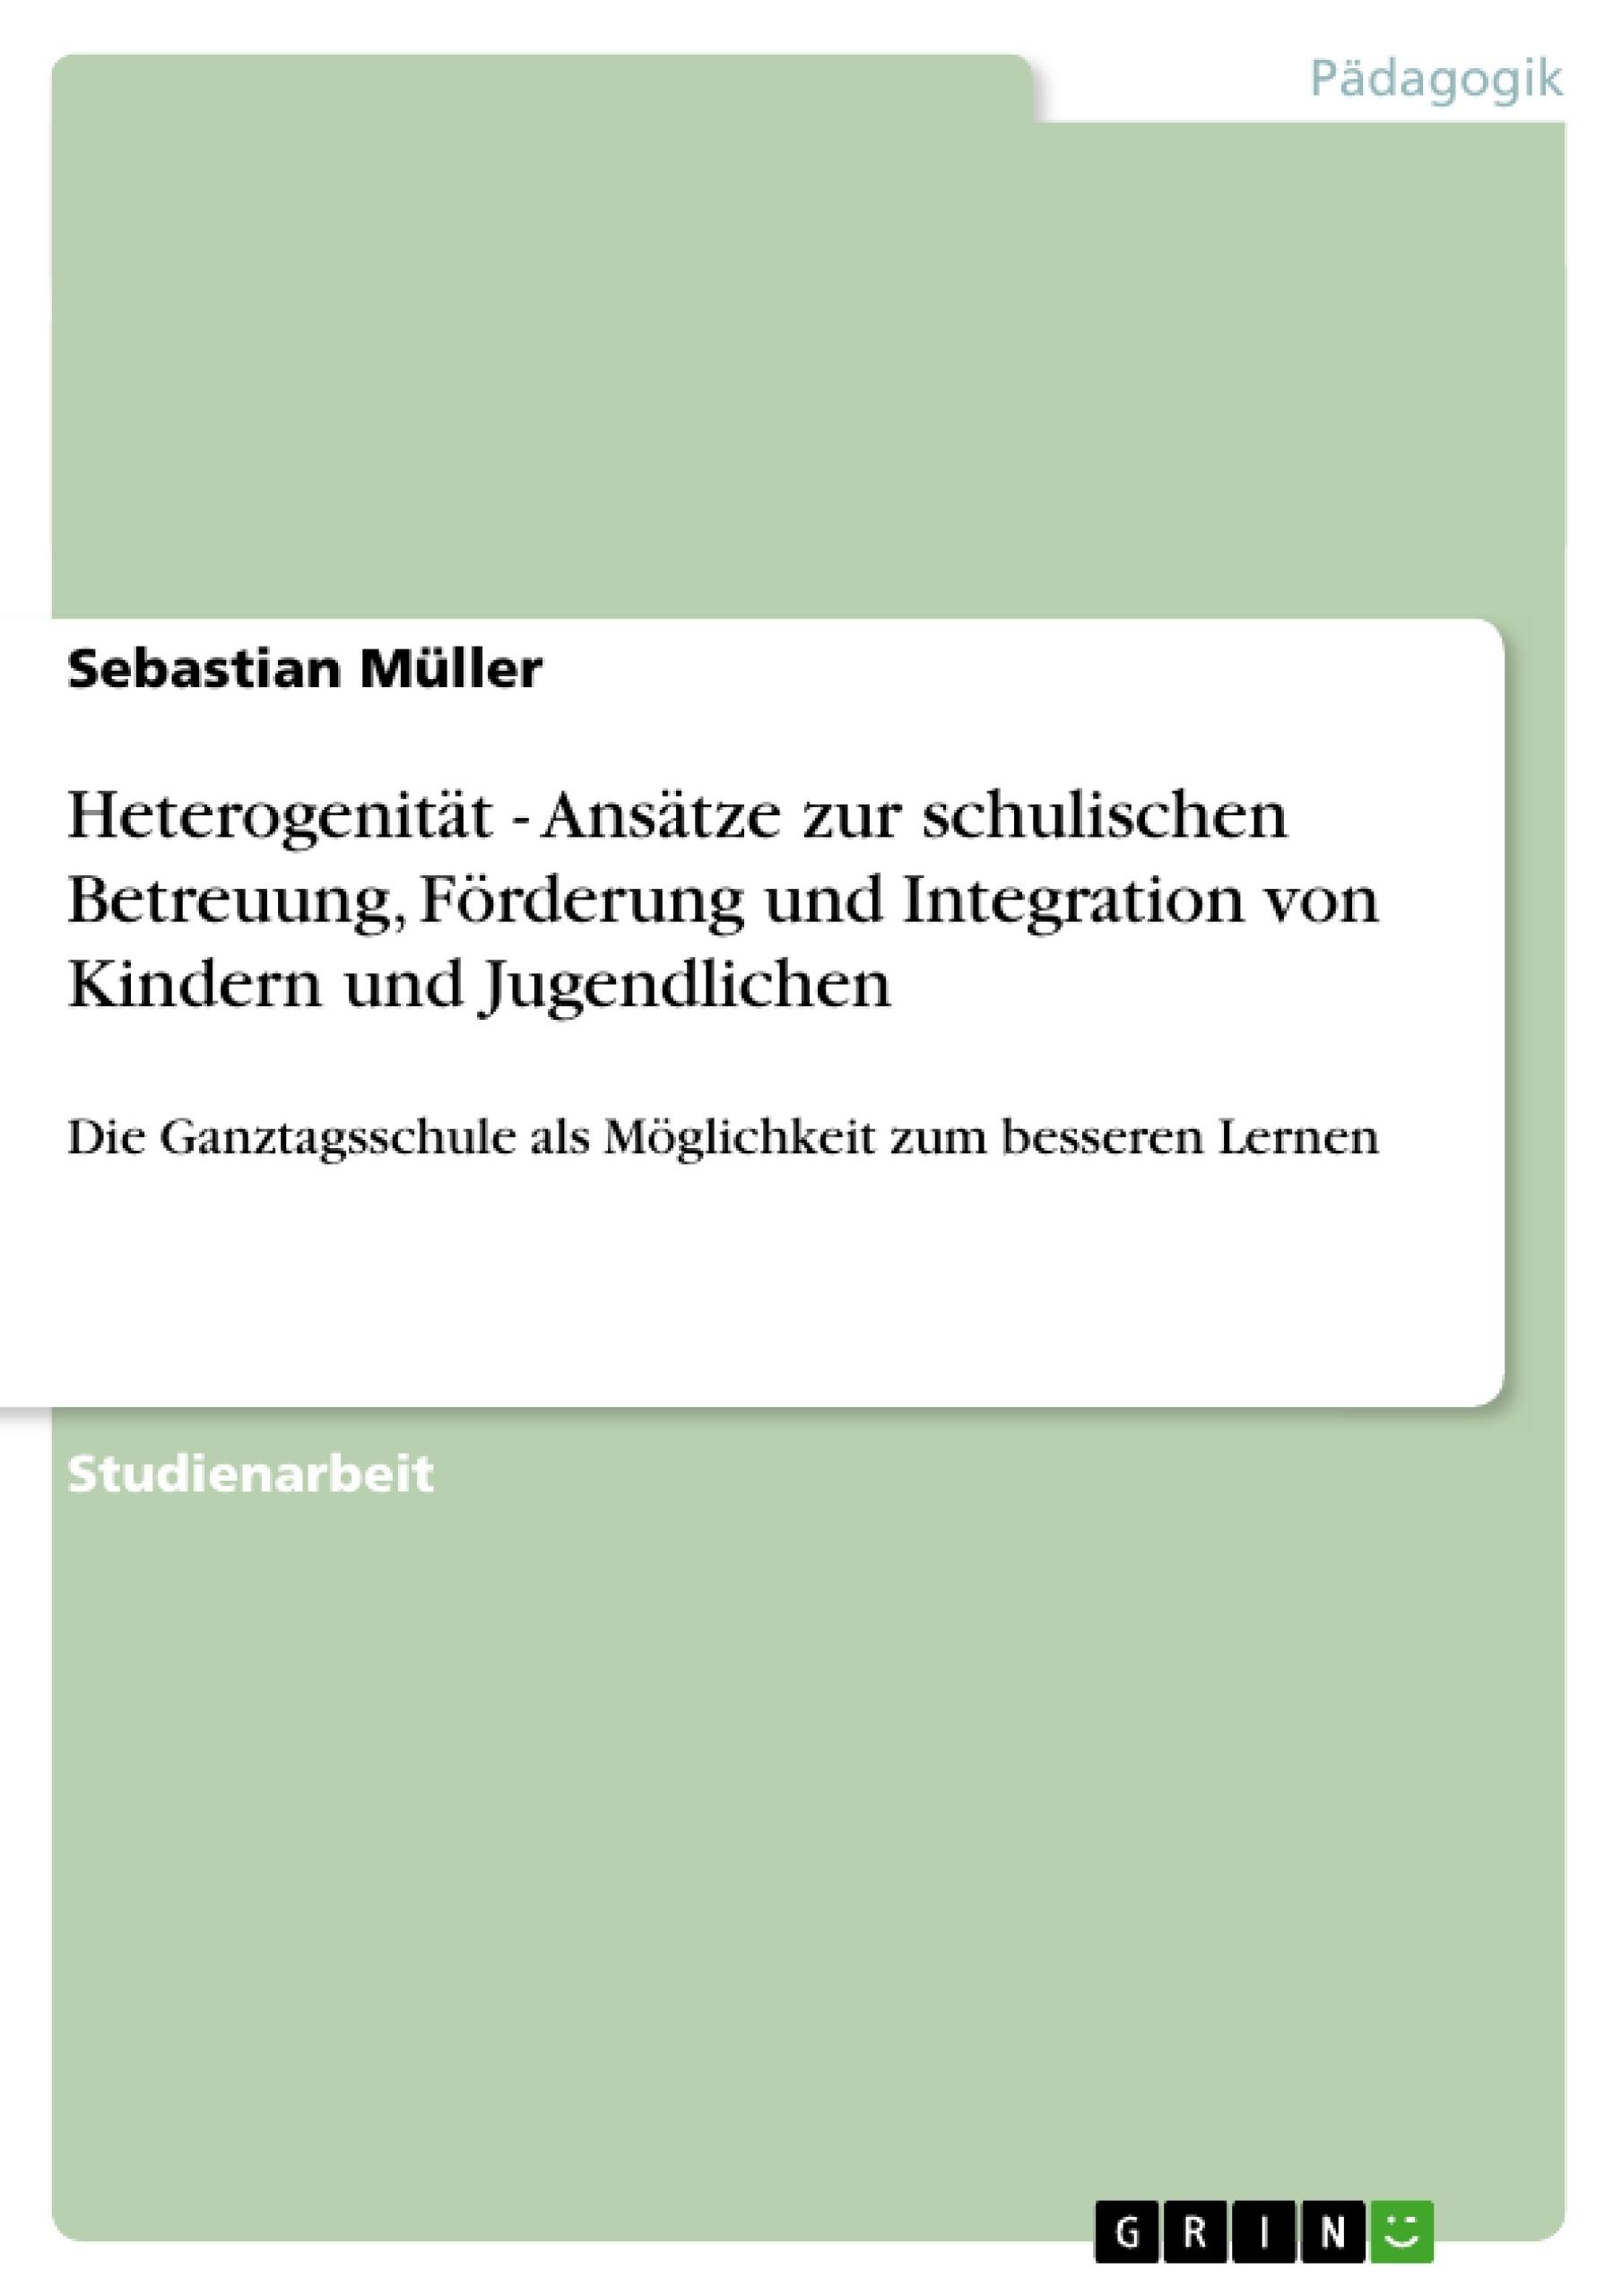 Titel: Heterogenität - Ansätze zur schulischen Betreuung, Förderung und Integration von Kindern und Jugendlichen